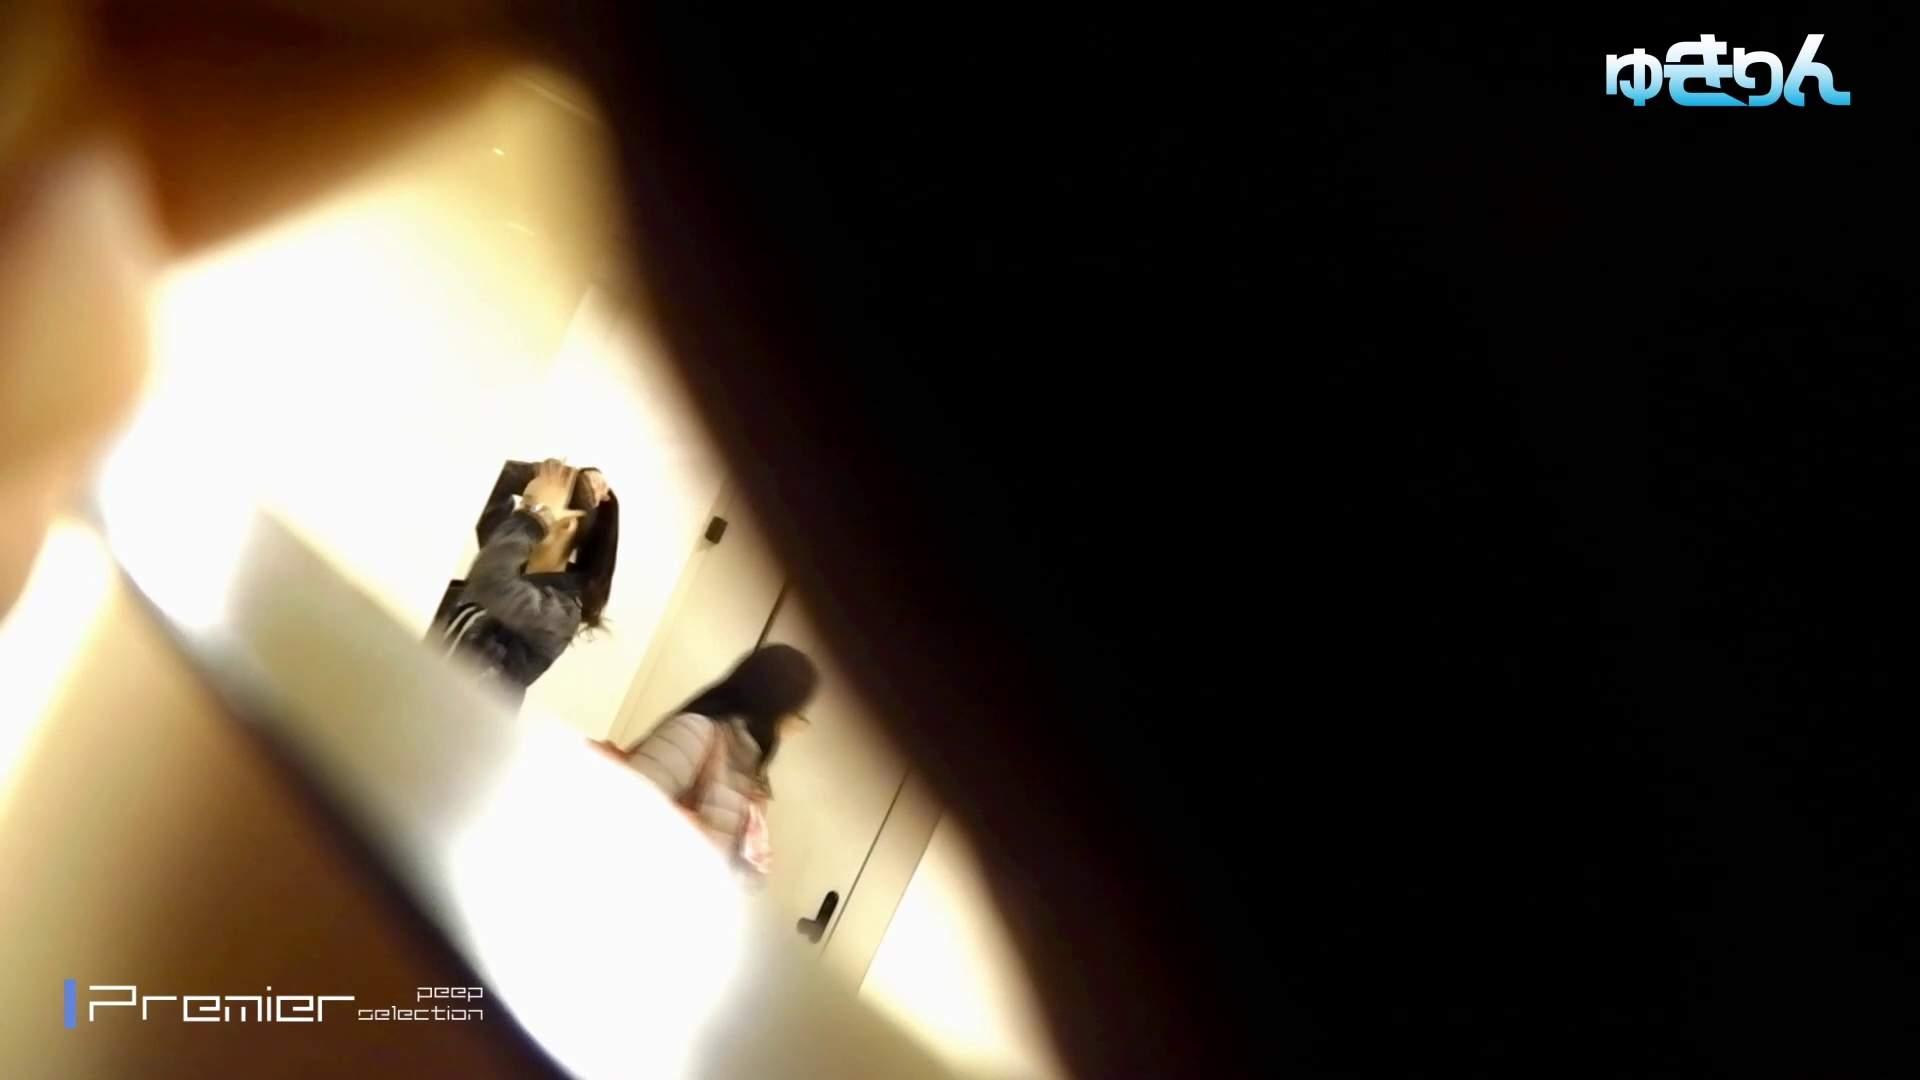 ハメ撮り|新世界の射窓 No94ダレノガレ明美?似すぎて、現場のゆきりんがびっくり・・・・|怪盗ジョーカー